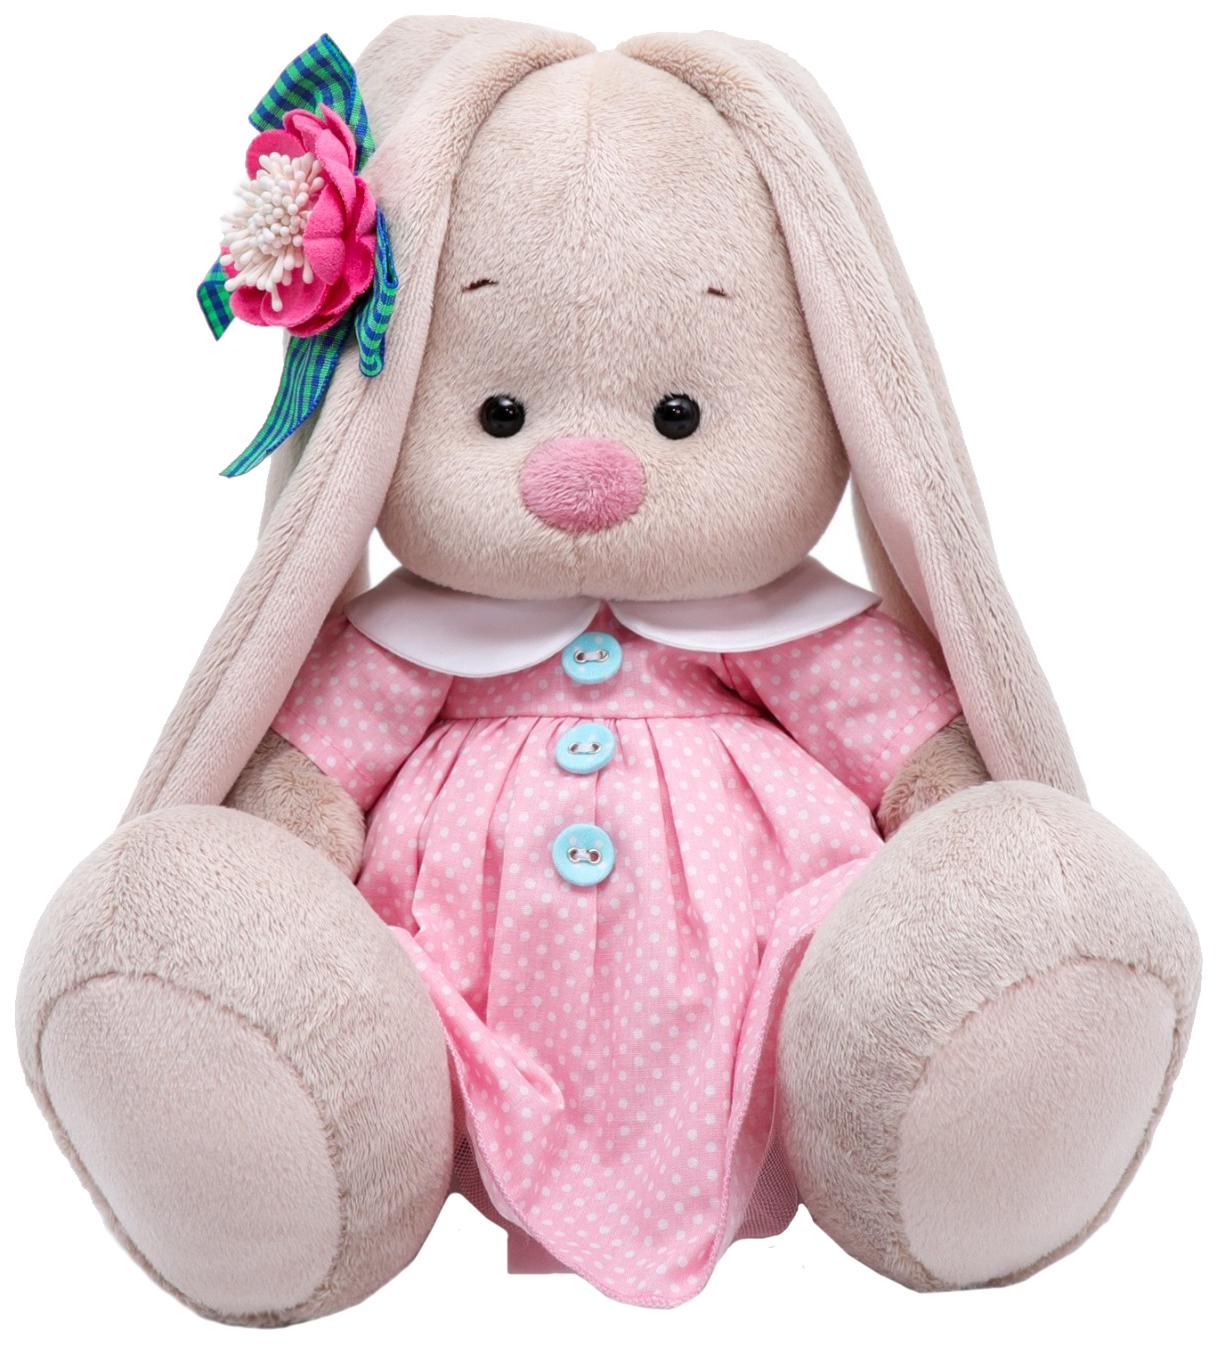 Мягкая игрушка BUDI BASA Зайка Ми Розовый крем, 18 см